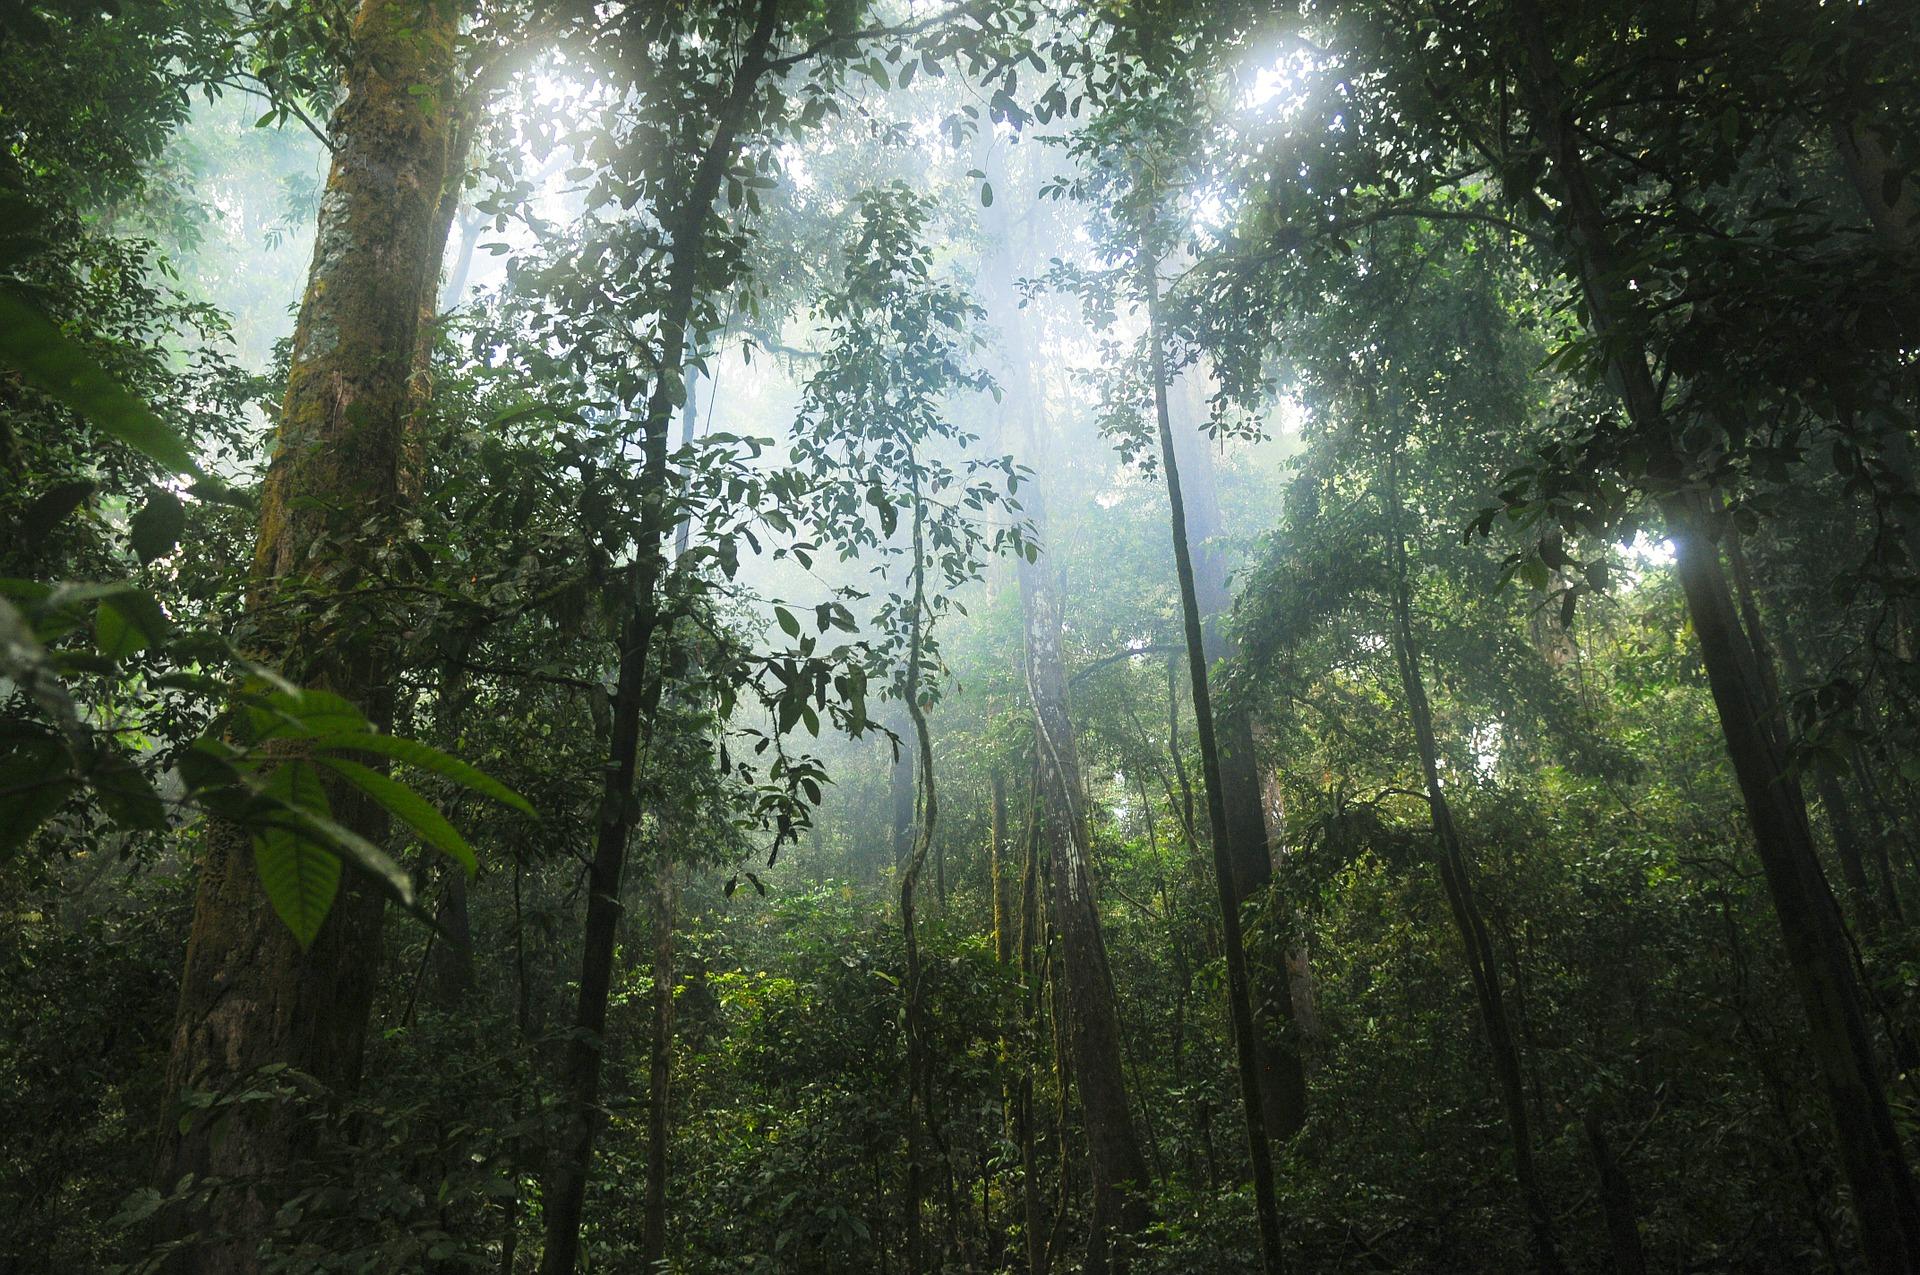 <p>Amazonia jest fascynującym miejscem. Zobacz czy znasz te zwierzęta zamieszkujące to miejsce.</p>